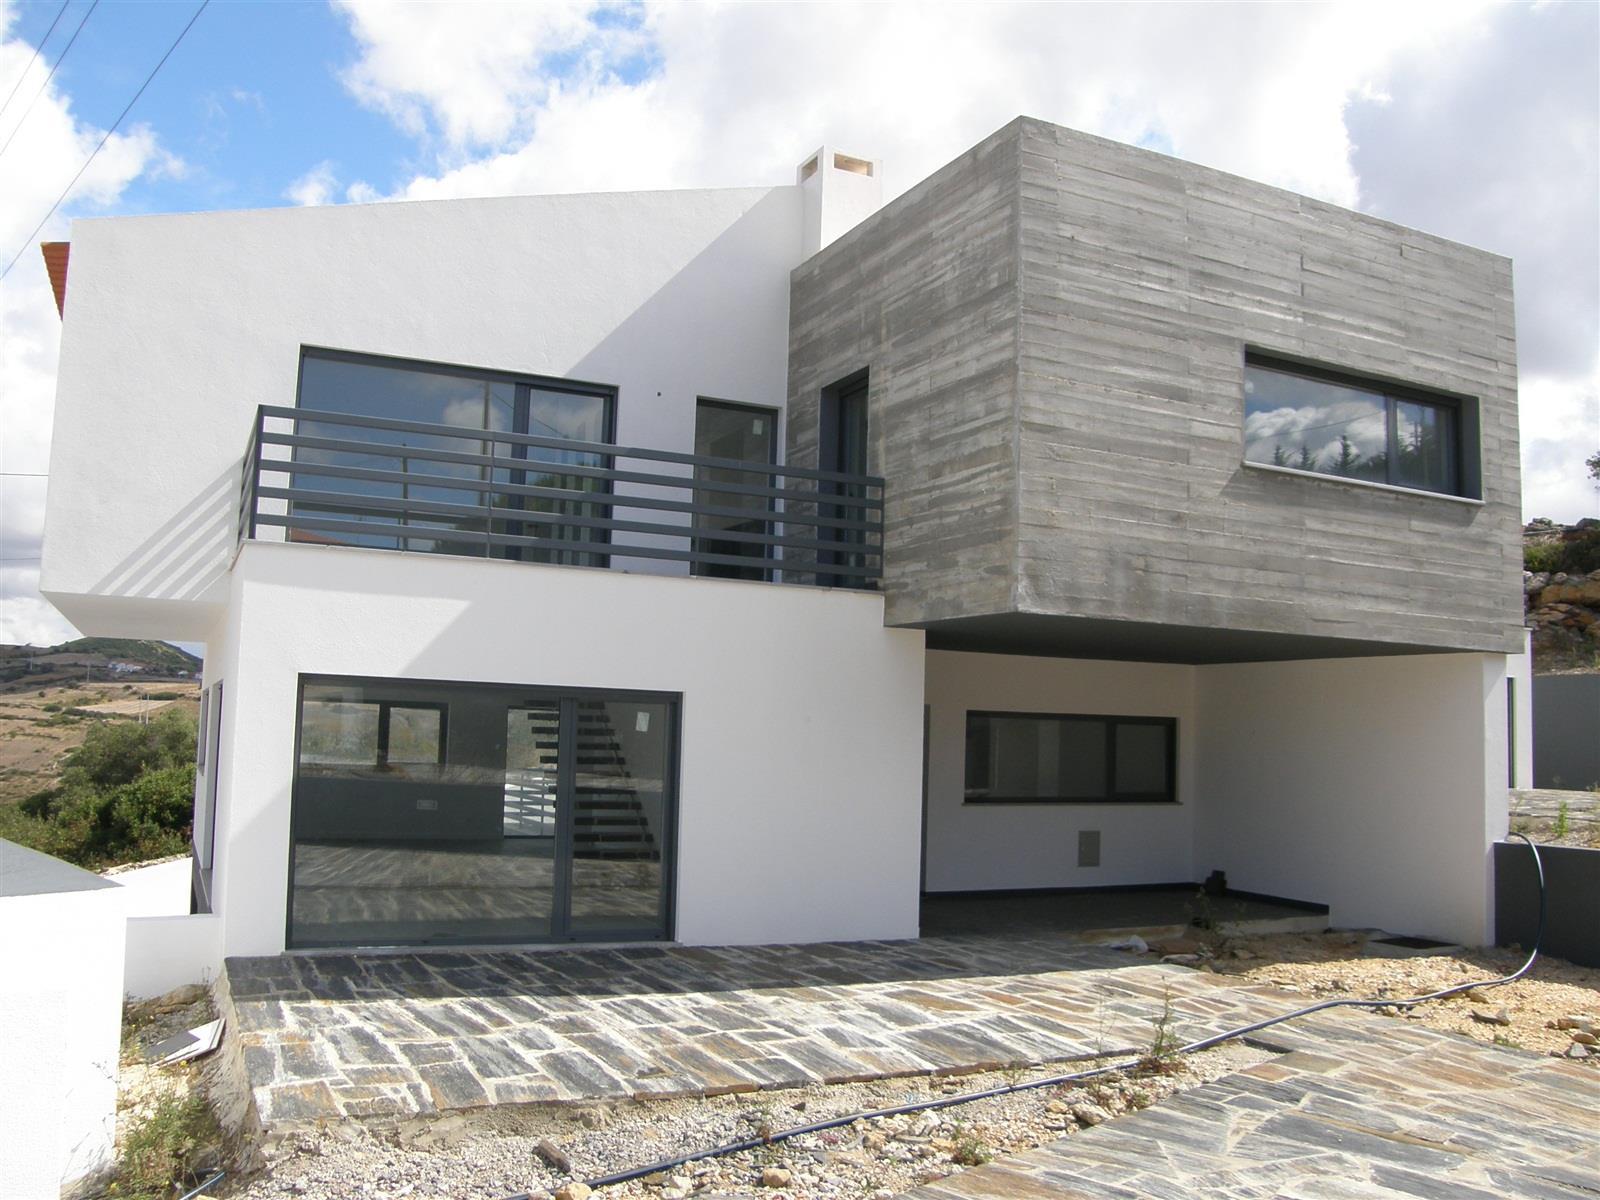 Maison unifamiliale pour l Vente à Semi-detached house, 3 bedrooms, for Sale Sintra, Lisbonne, 2705-834 Portugal